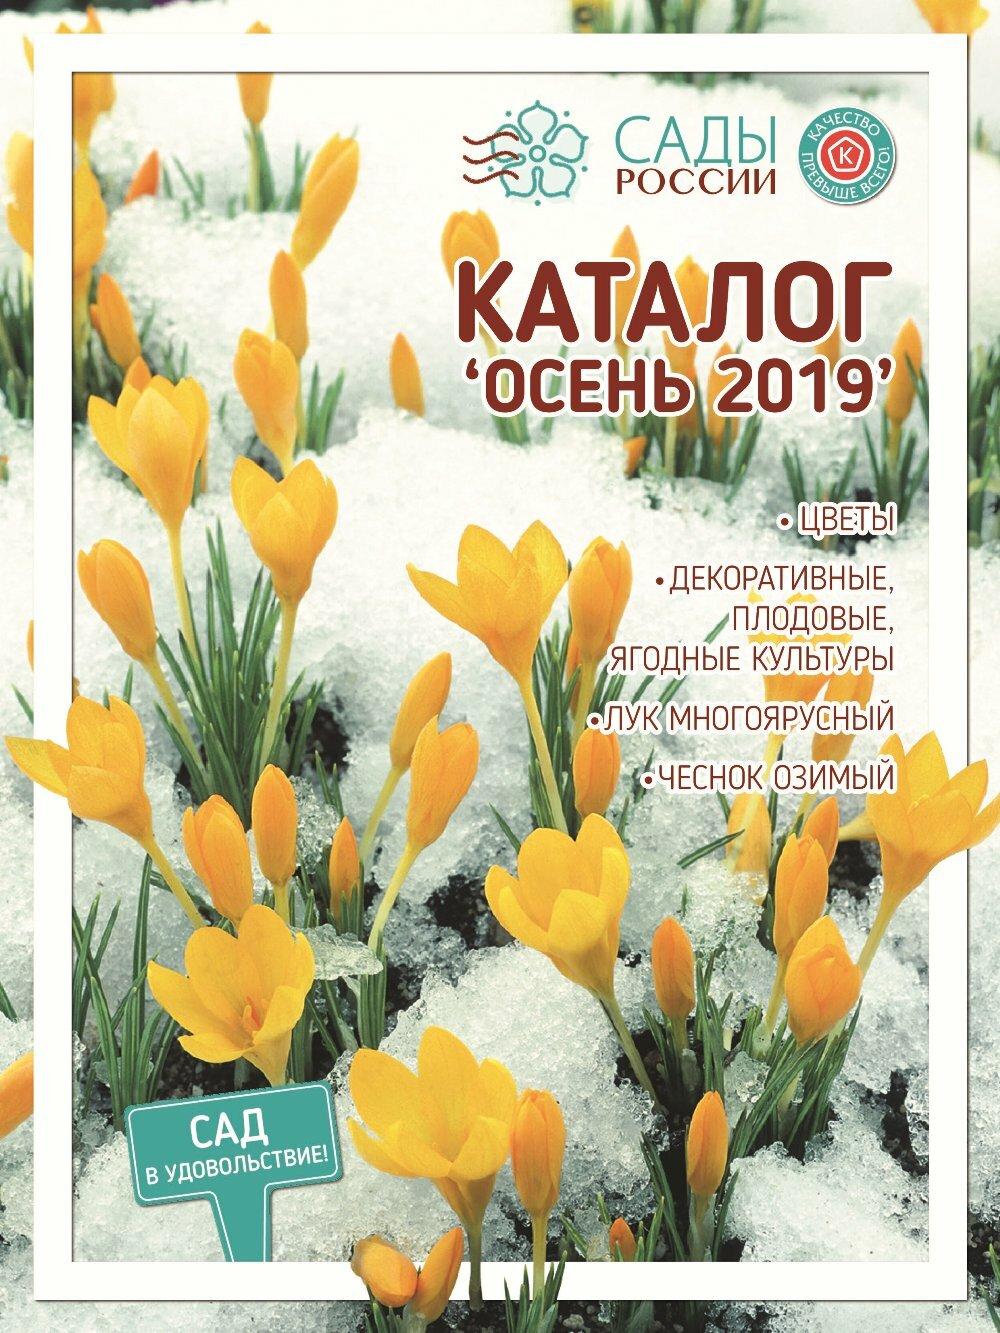 цветы россии челябинск каталог официальный сайт новые лоты